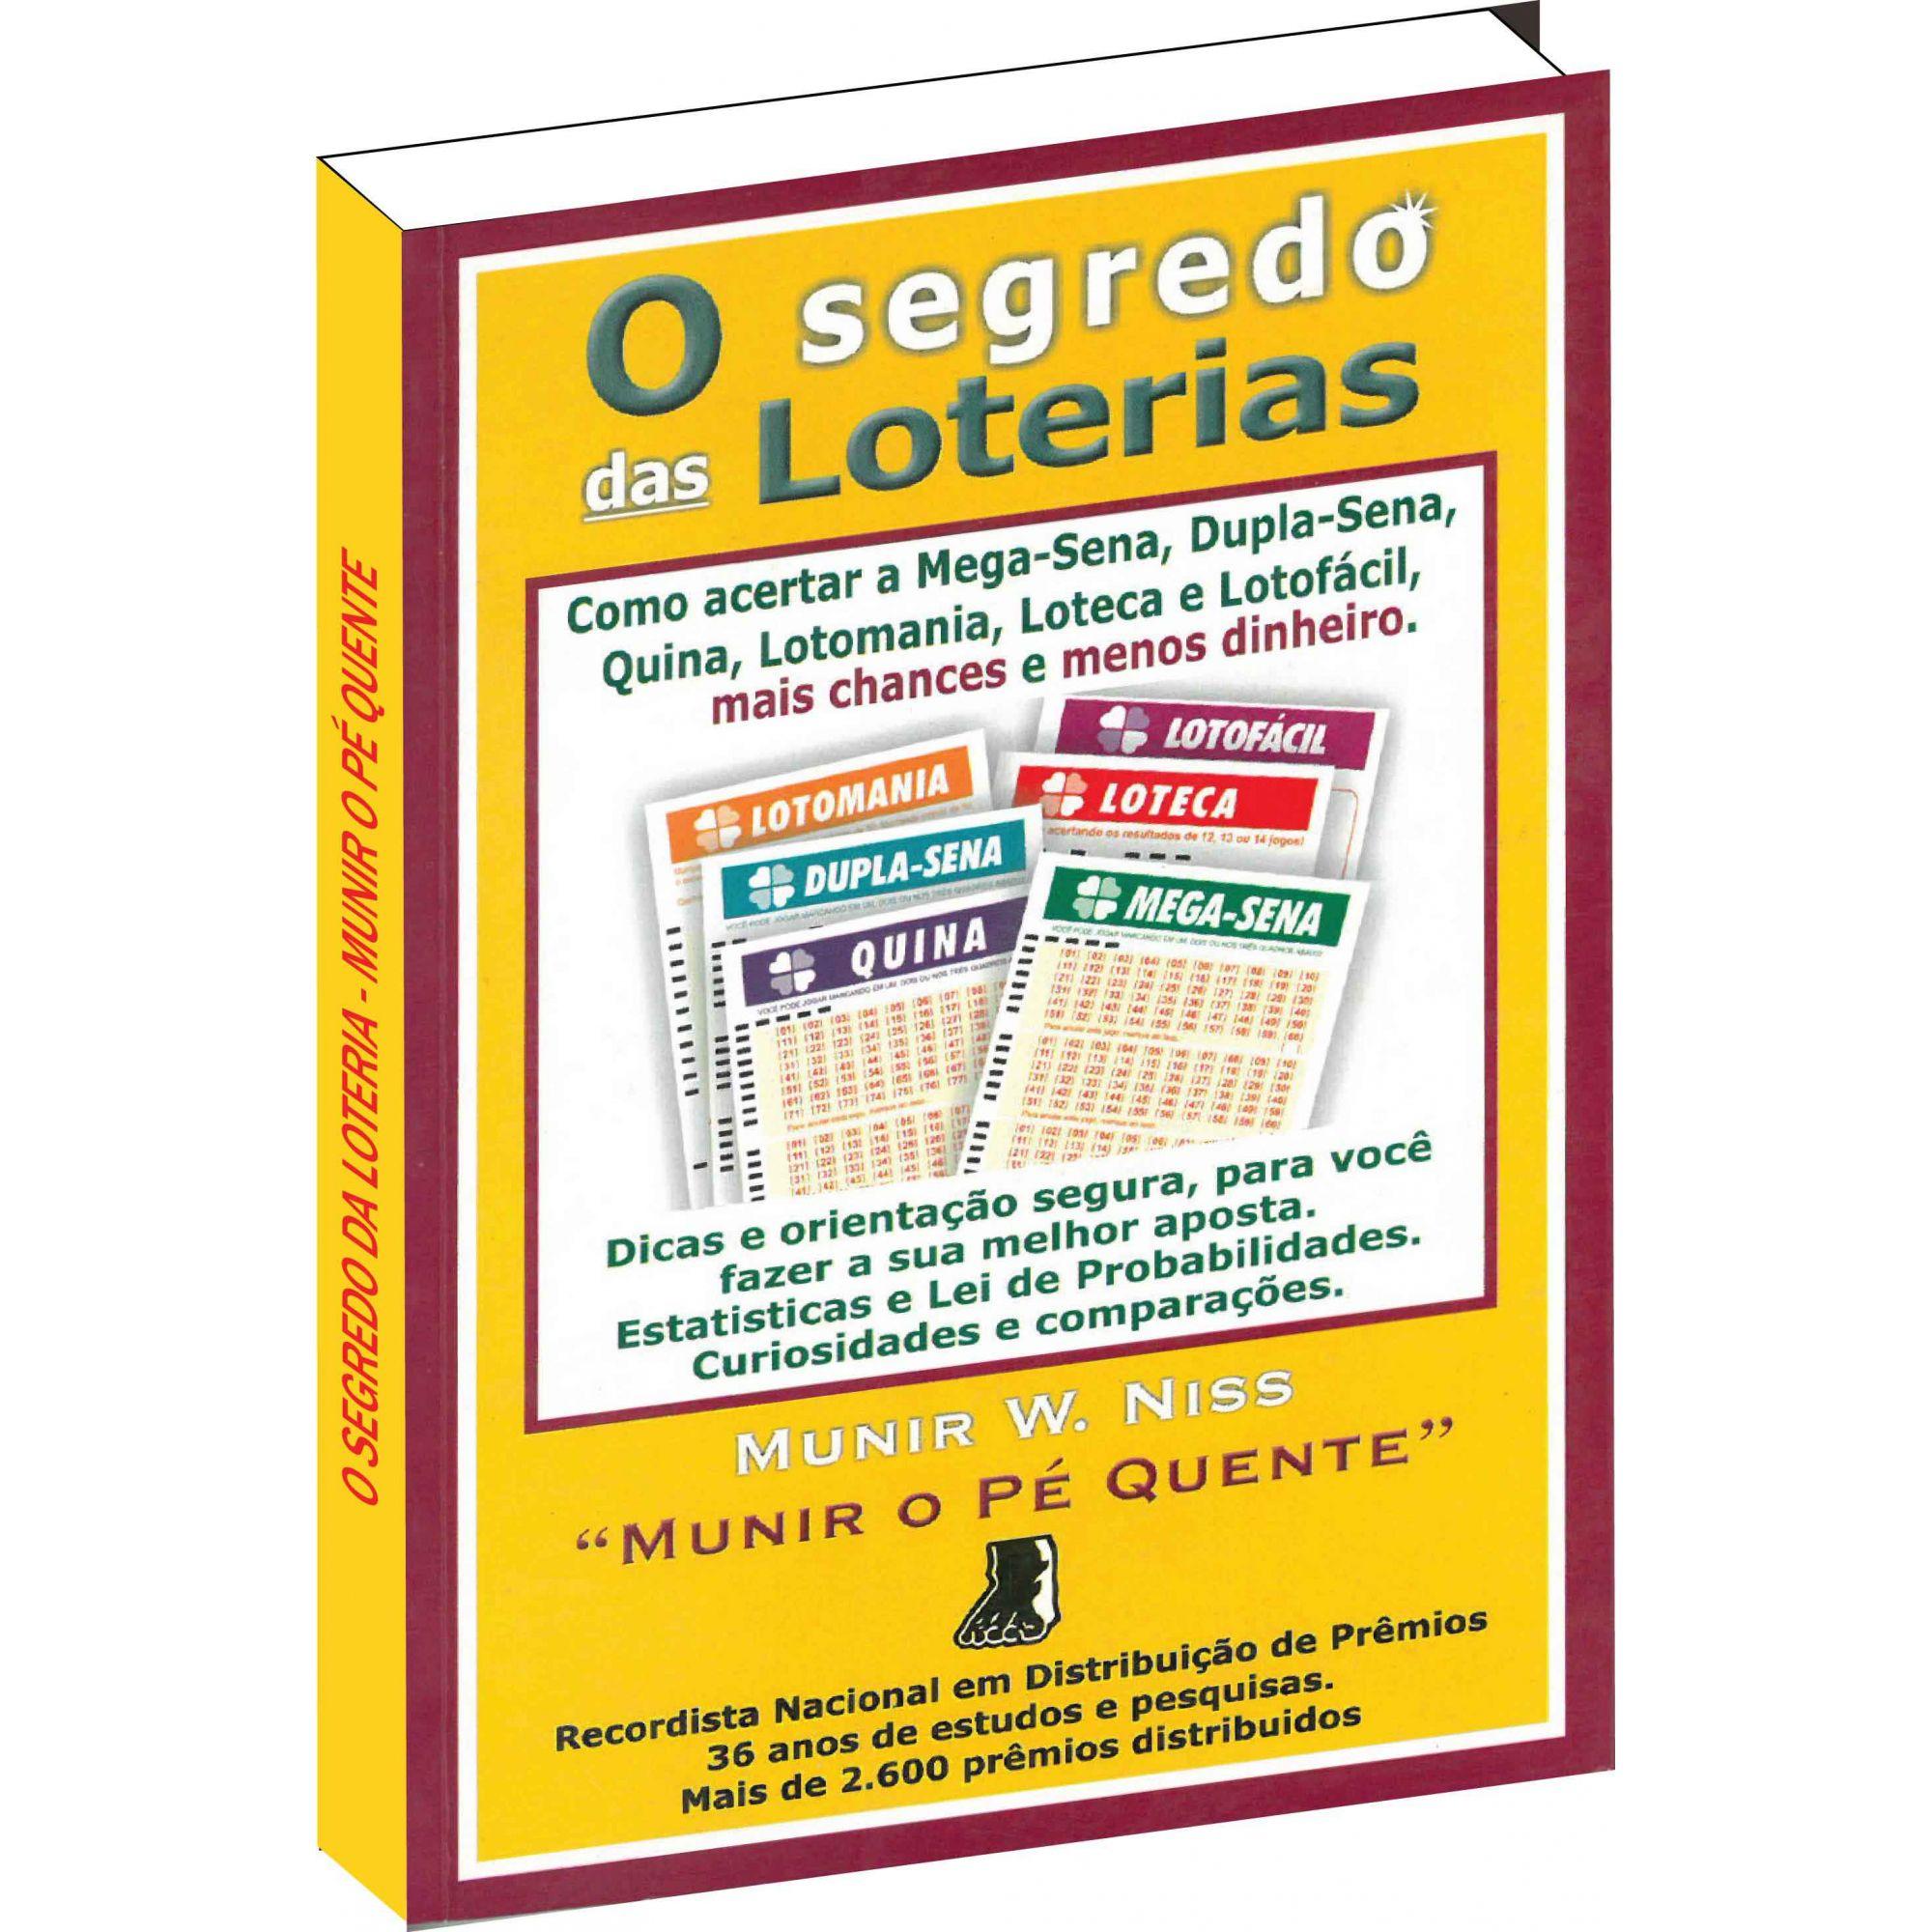 Os Segredos das Loterias de Munir o Pé Quente  - Livropostal Editora